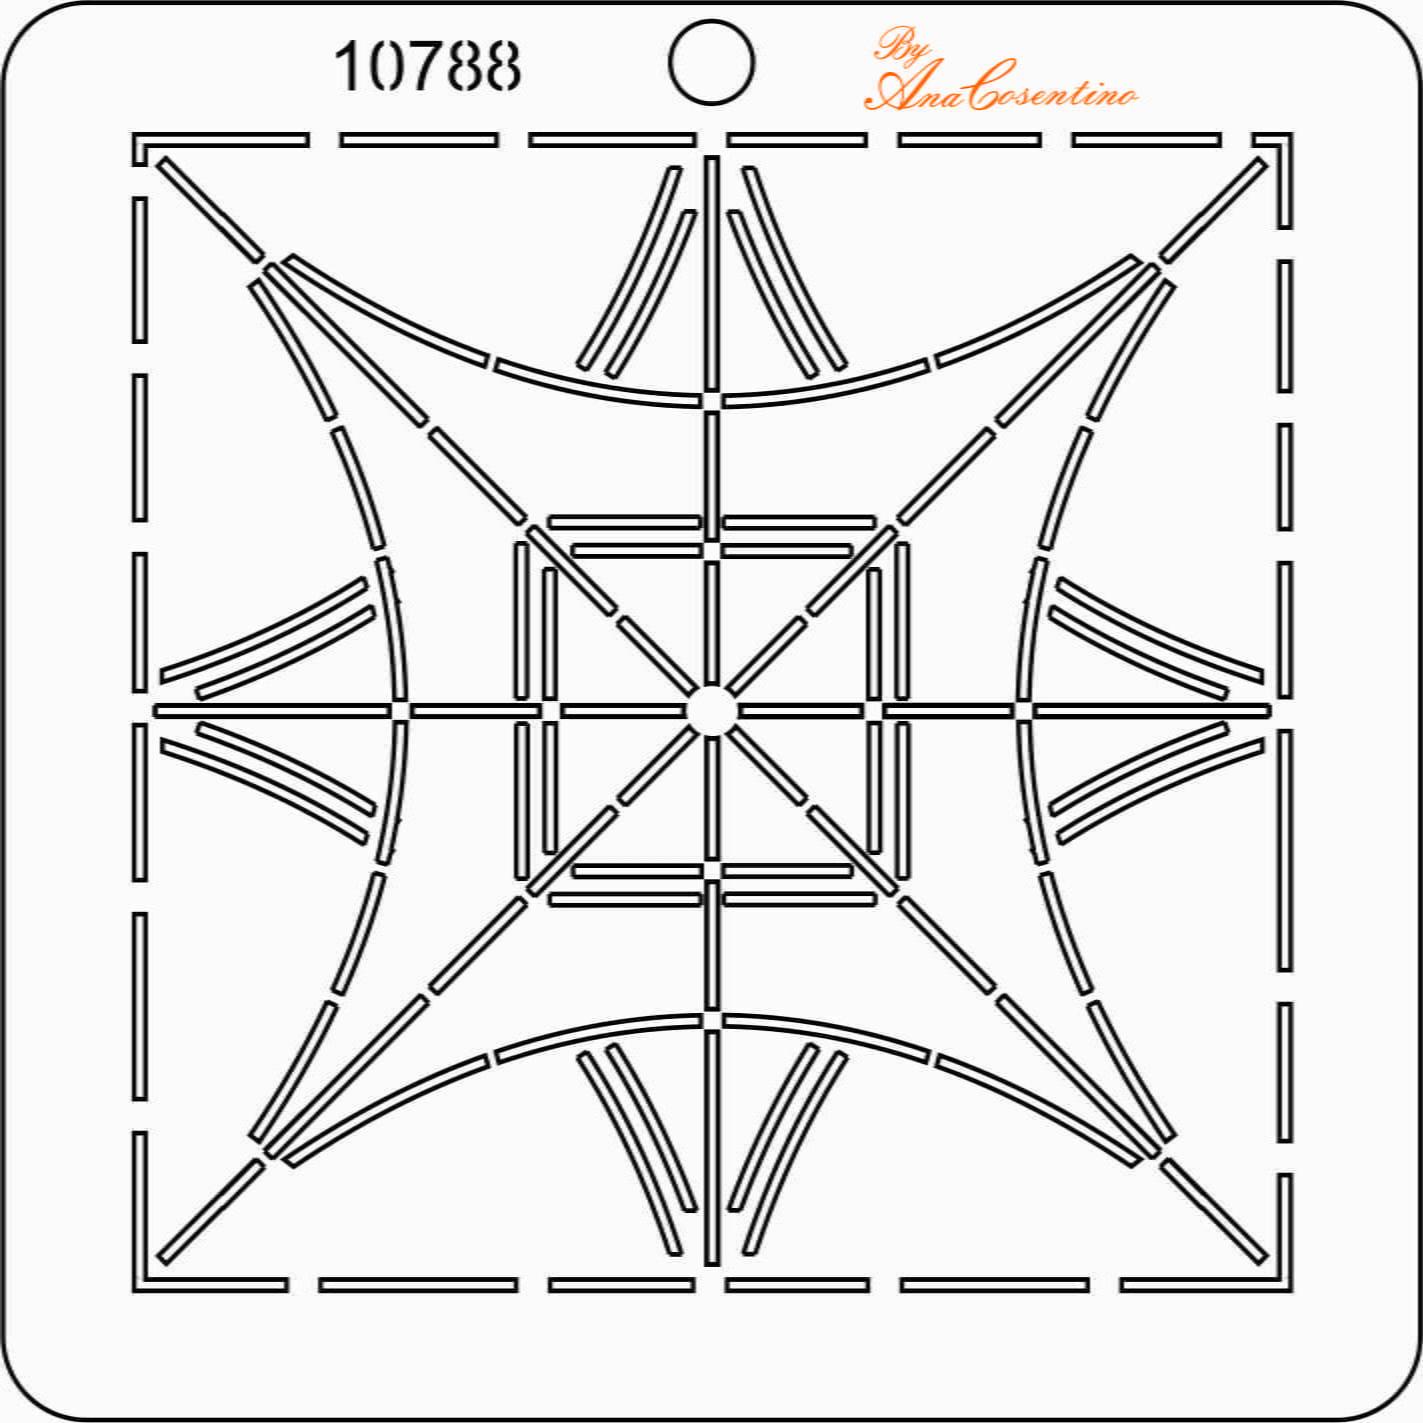 Estêncil de Quilting Diretrizes (Pequeno) - 10788